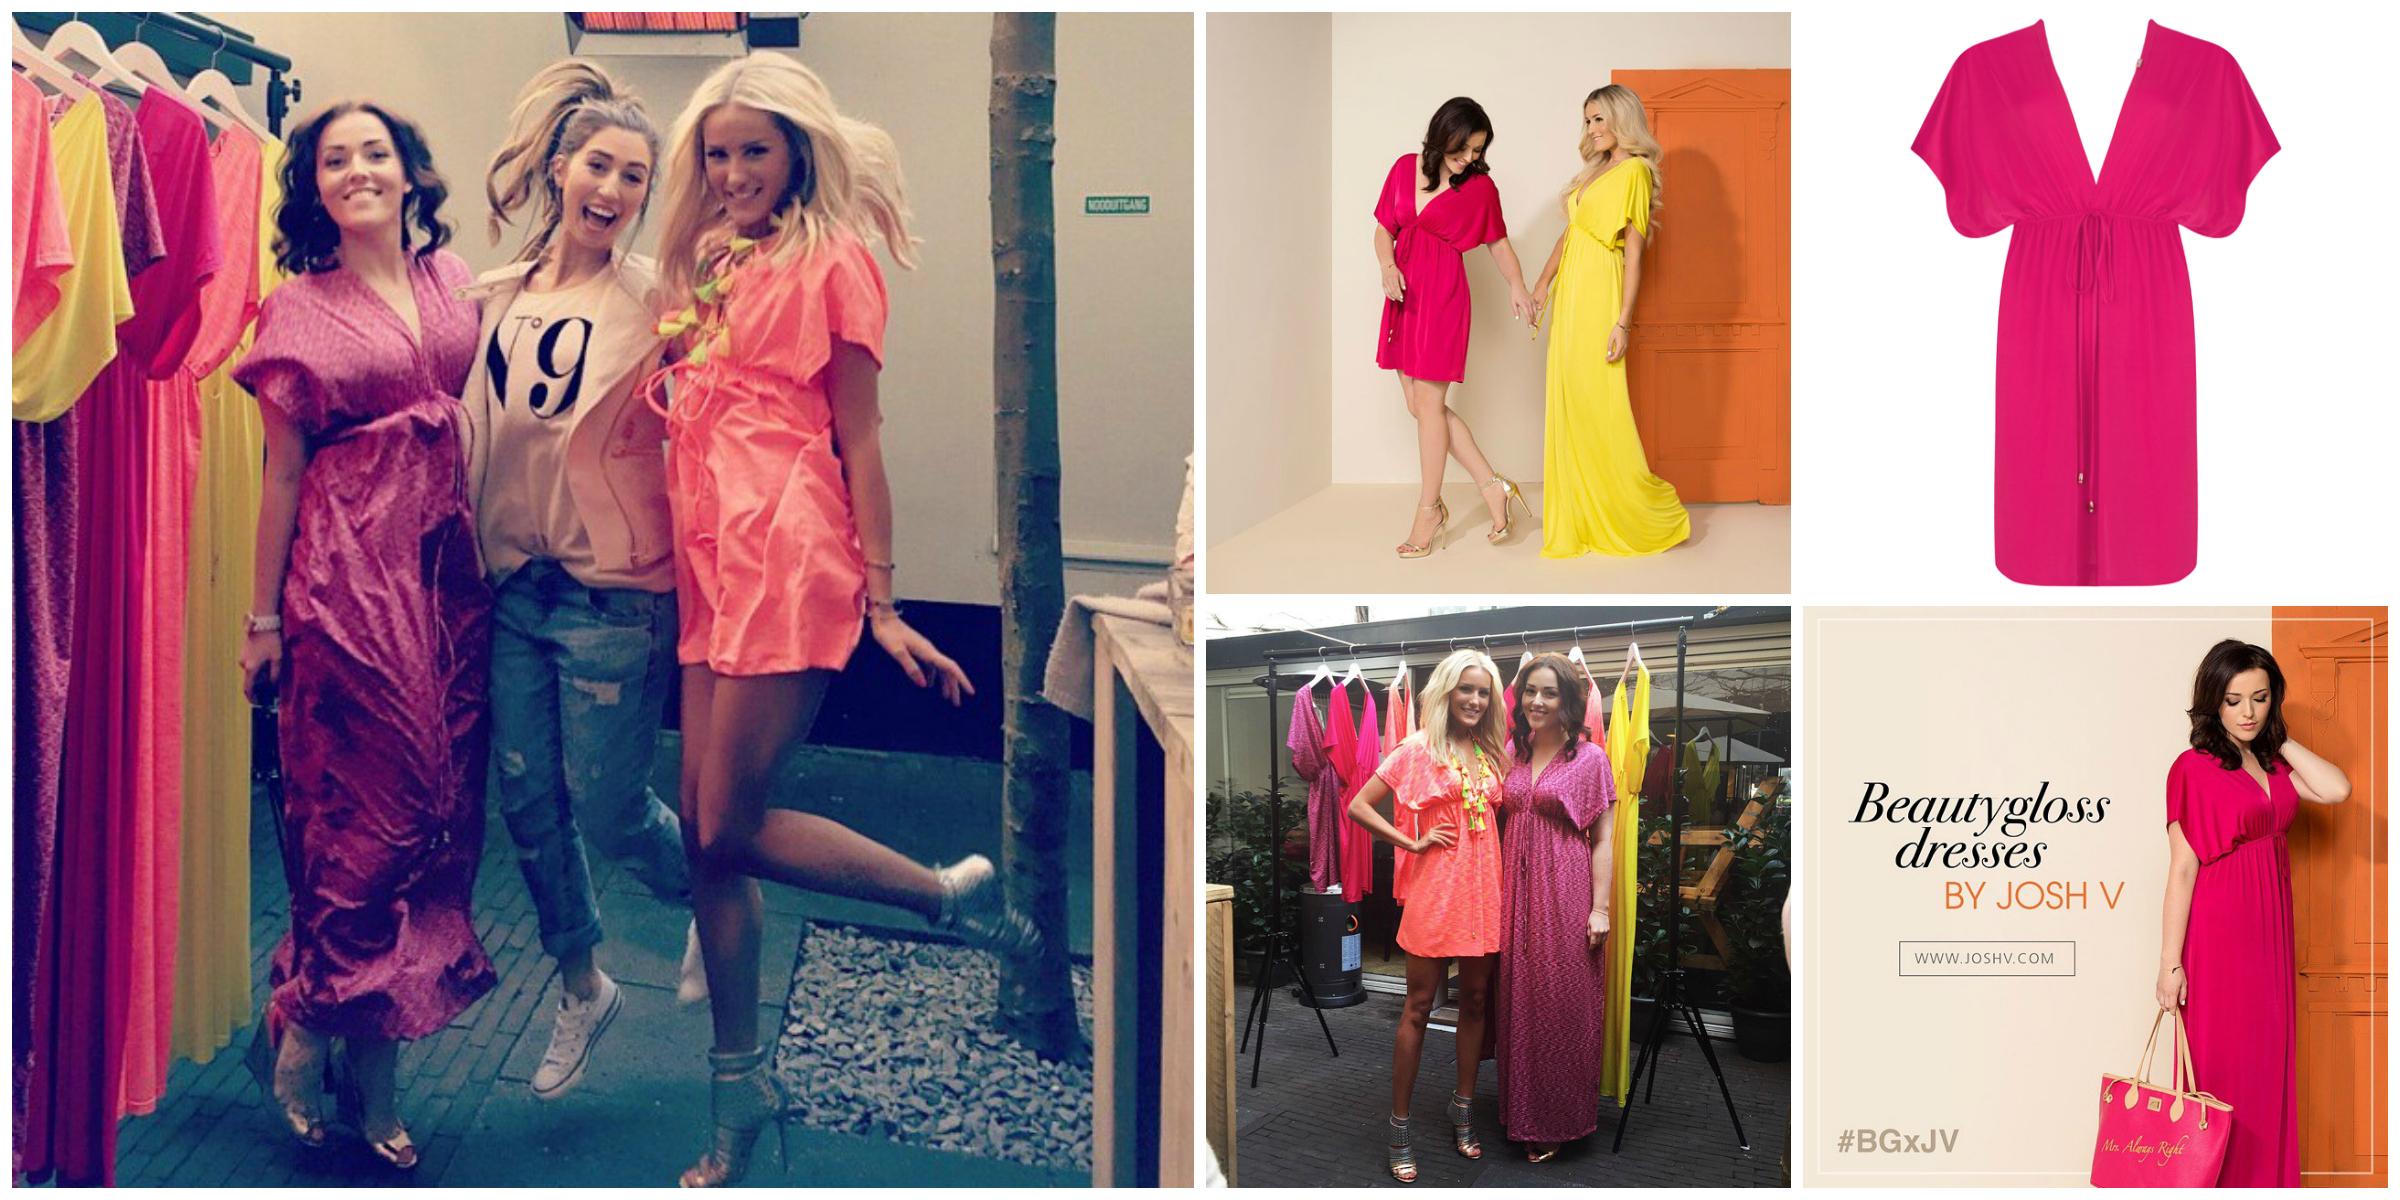 Josh V en Mascha Feoktistova ontwerpen de #BGxJV dress